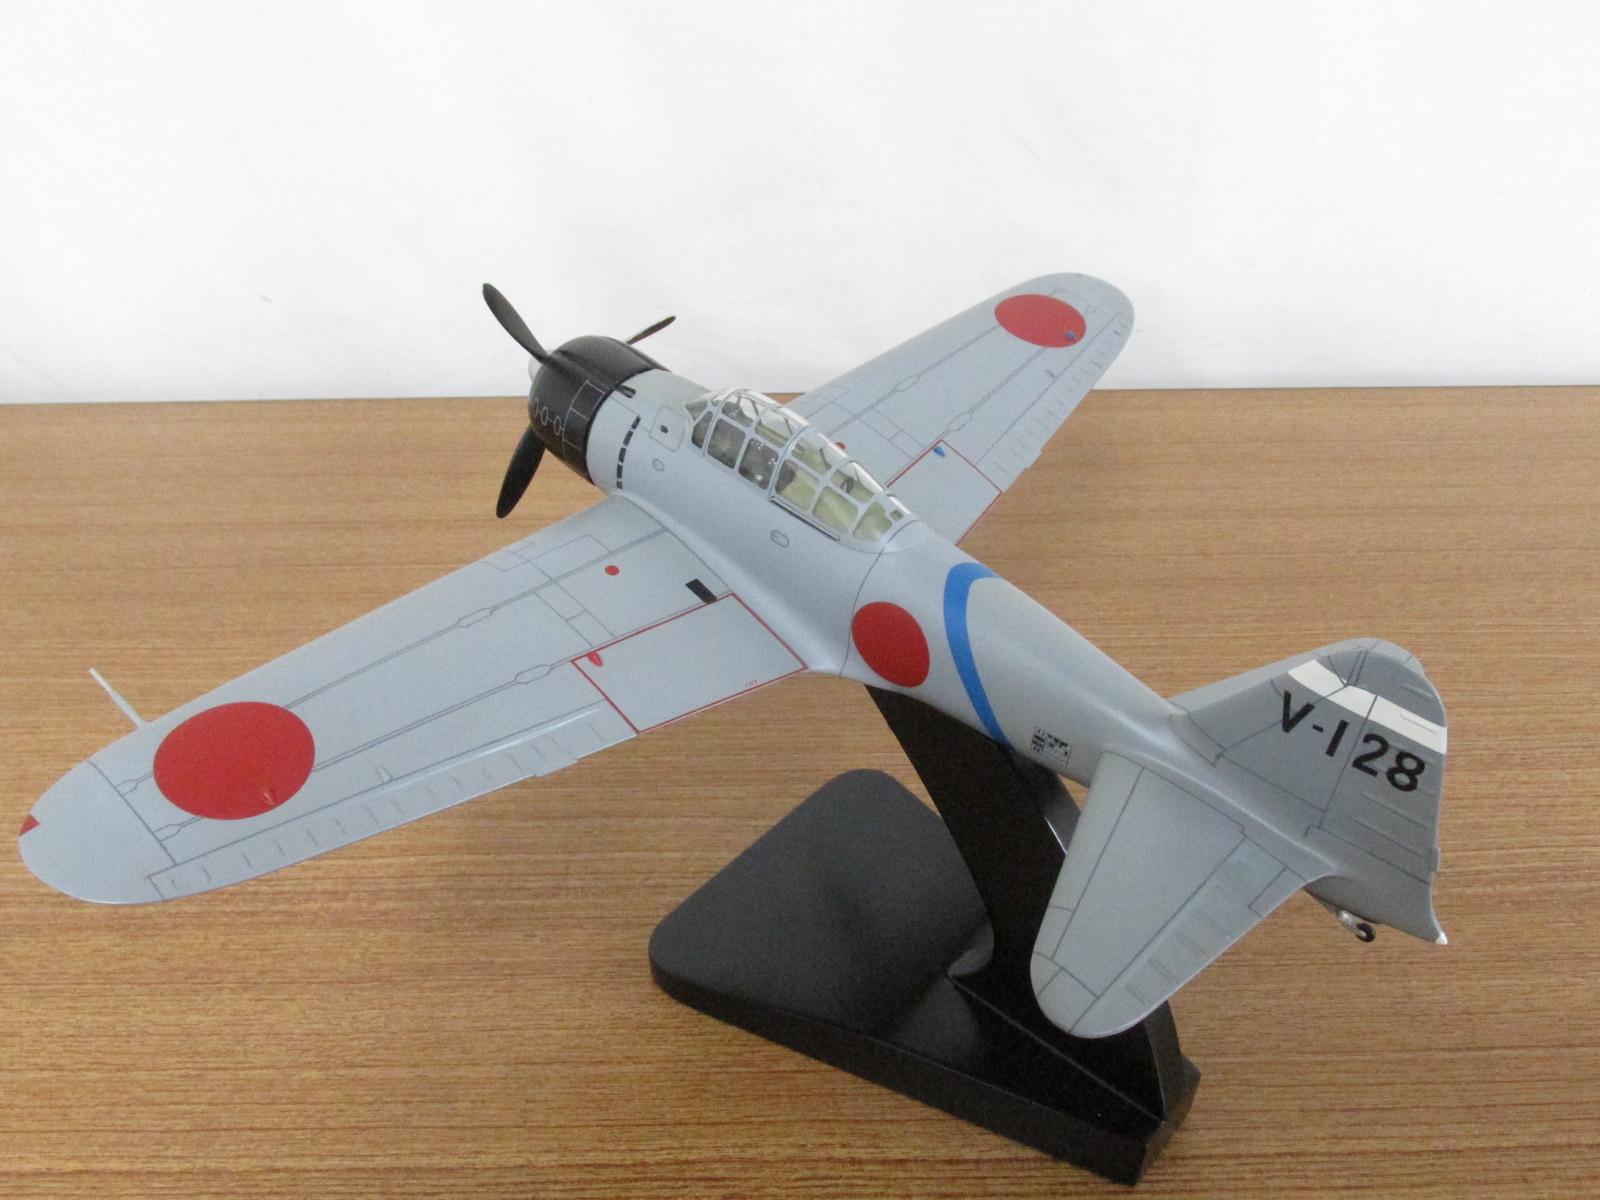 ウイングクラブ 1/32スケール デスクトップモデル   零式艦上戦闘機21型